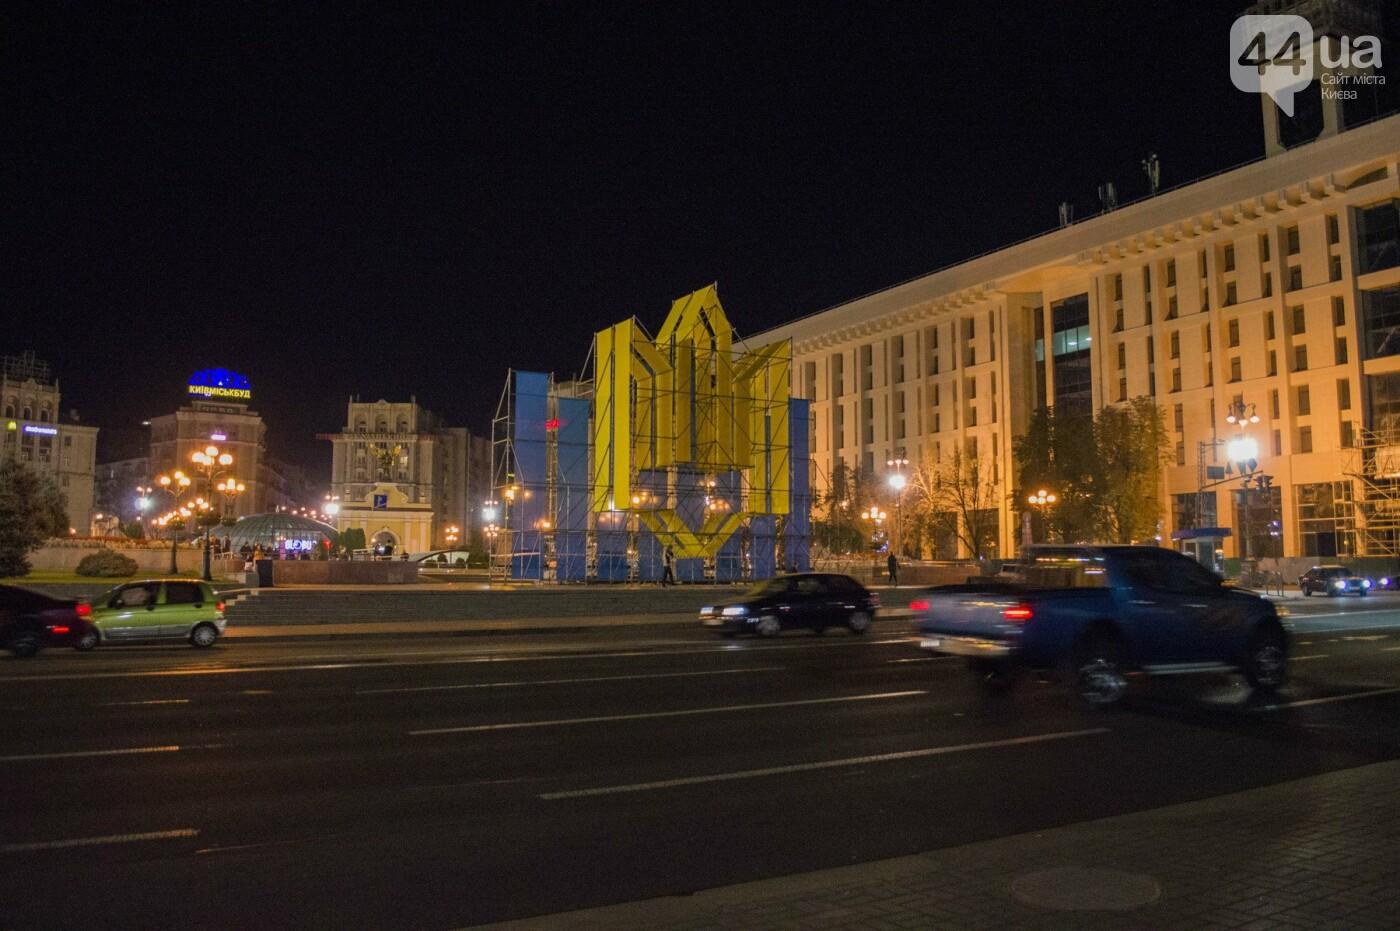 На Майдане появился 10-метровый трезубец: Киев готовится ко Дню защитника Украины, фото-1